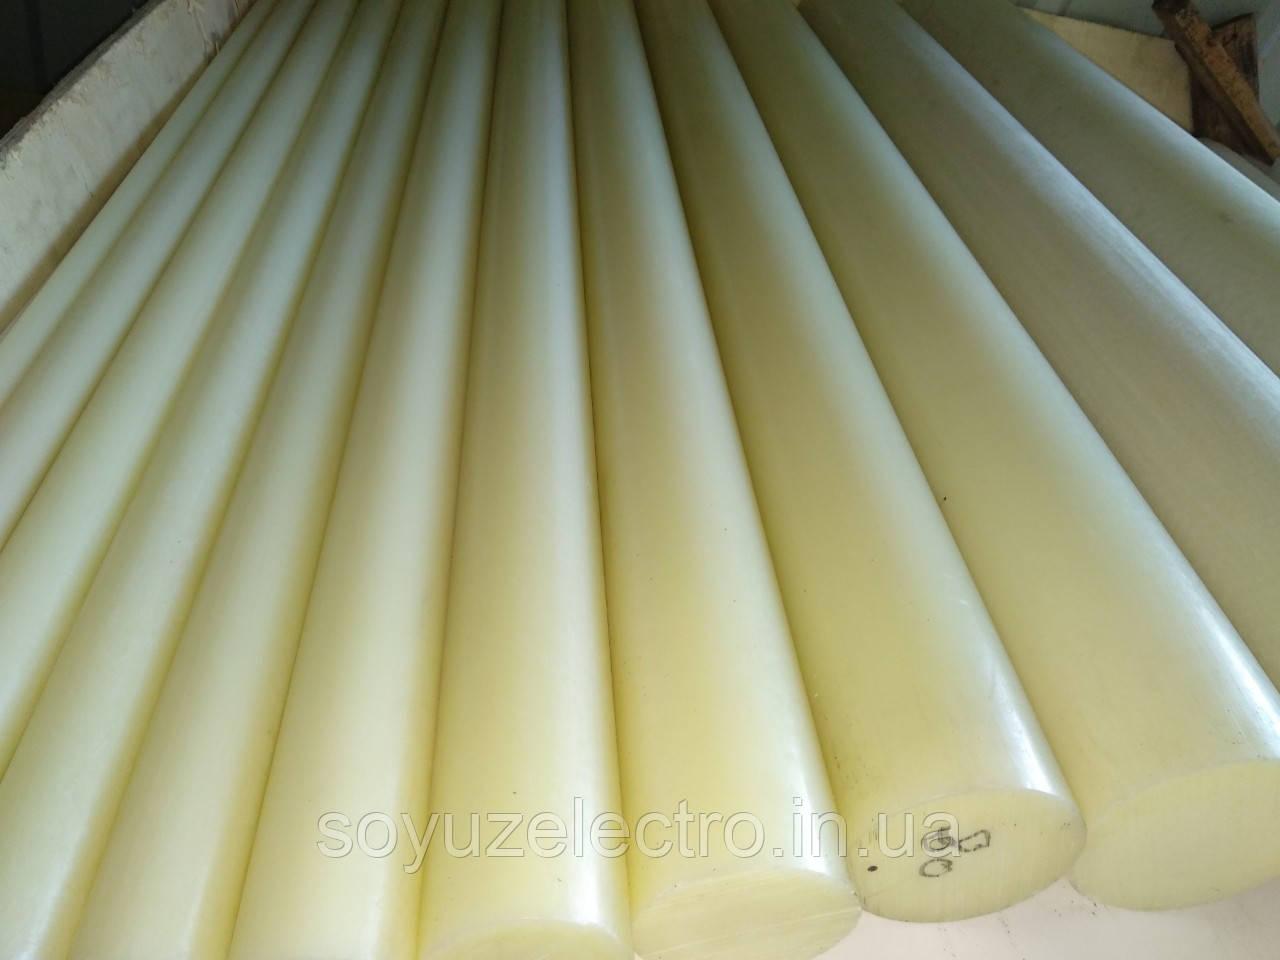 Полиамид ПА 6 стержень 160х500 мм (Капролон стержневой)